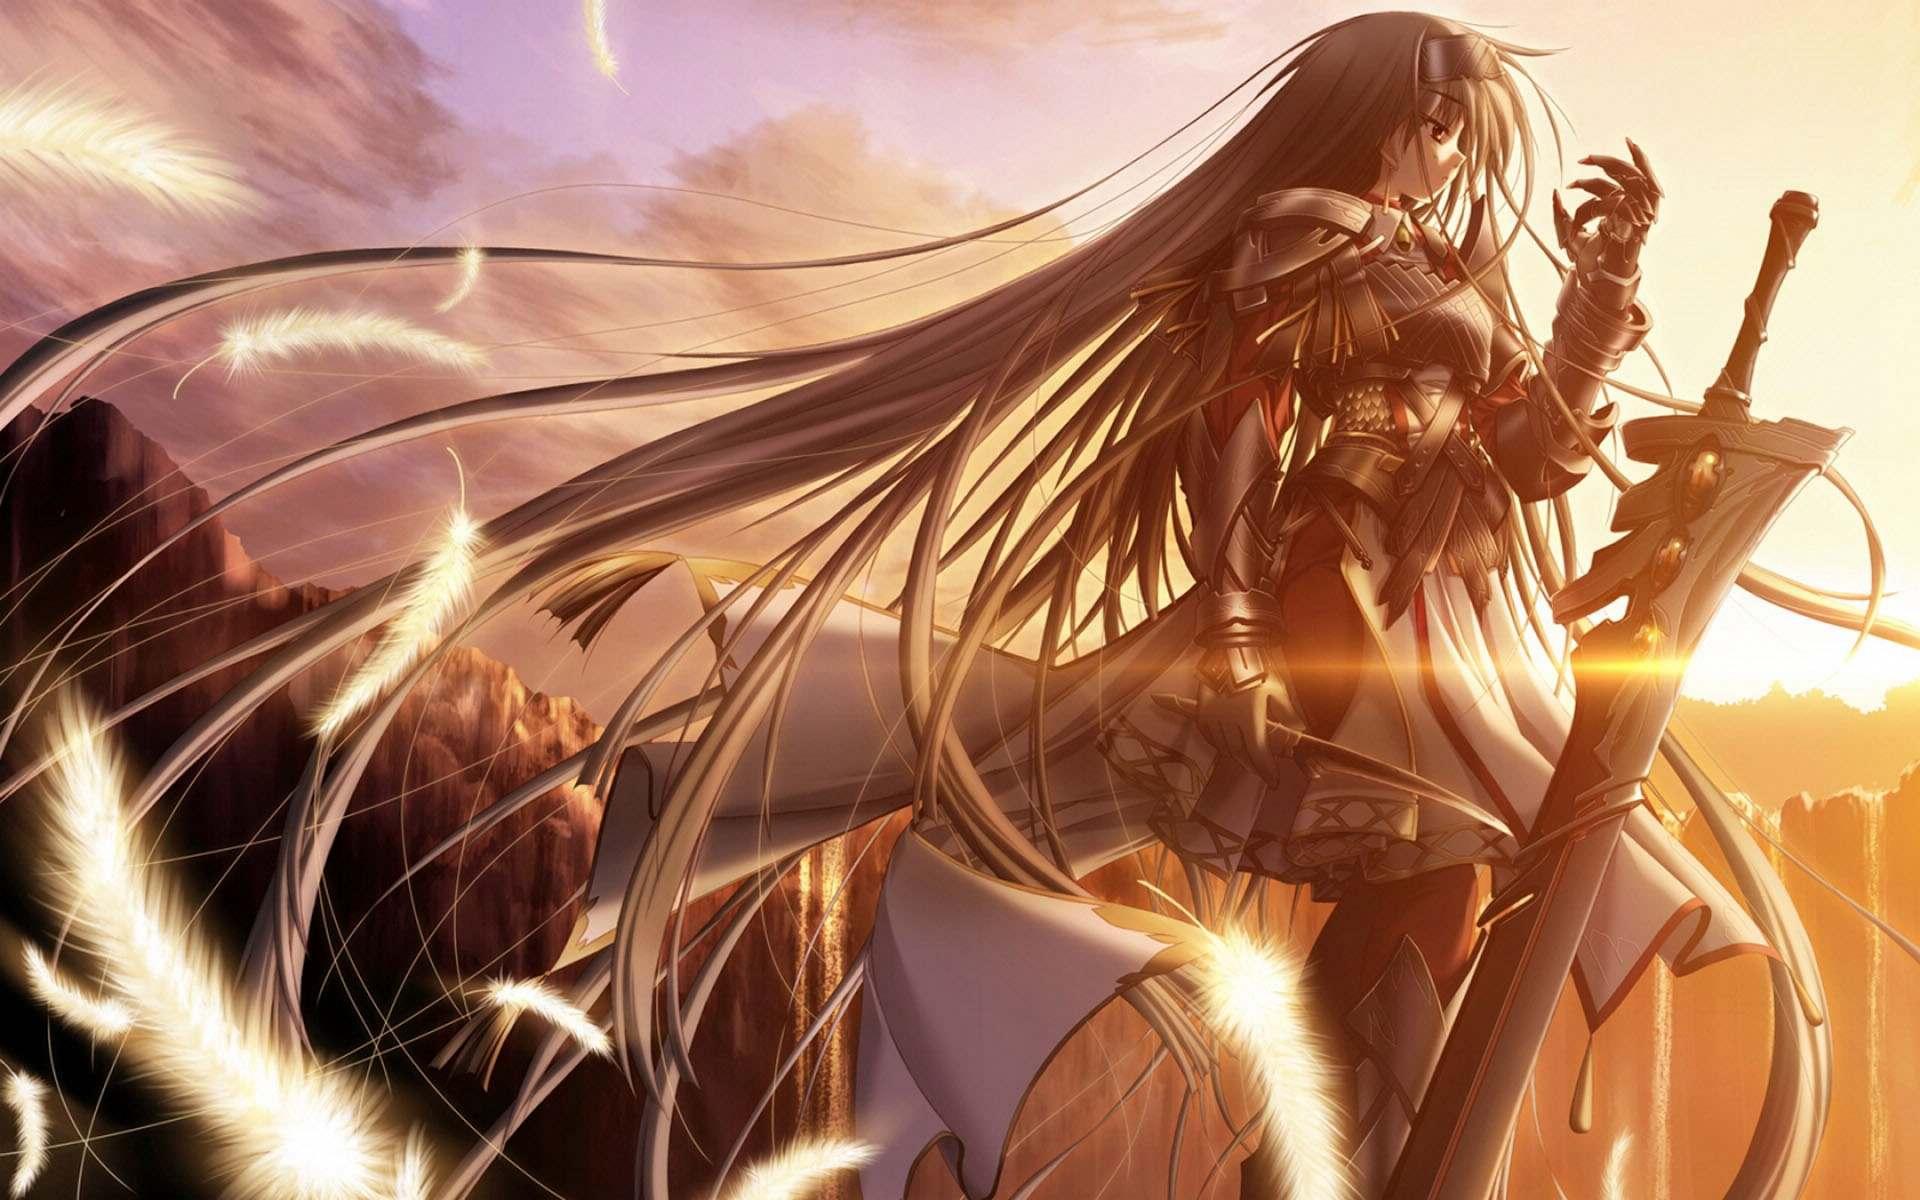 Аниме девушка с большим мечом